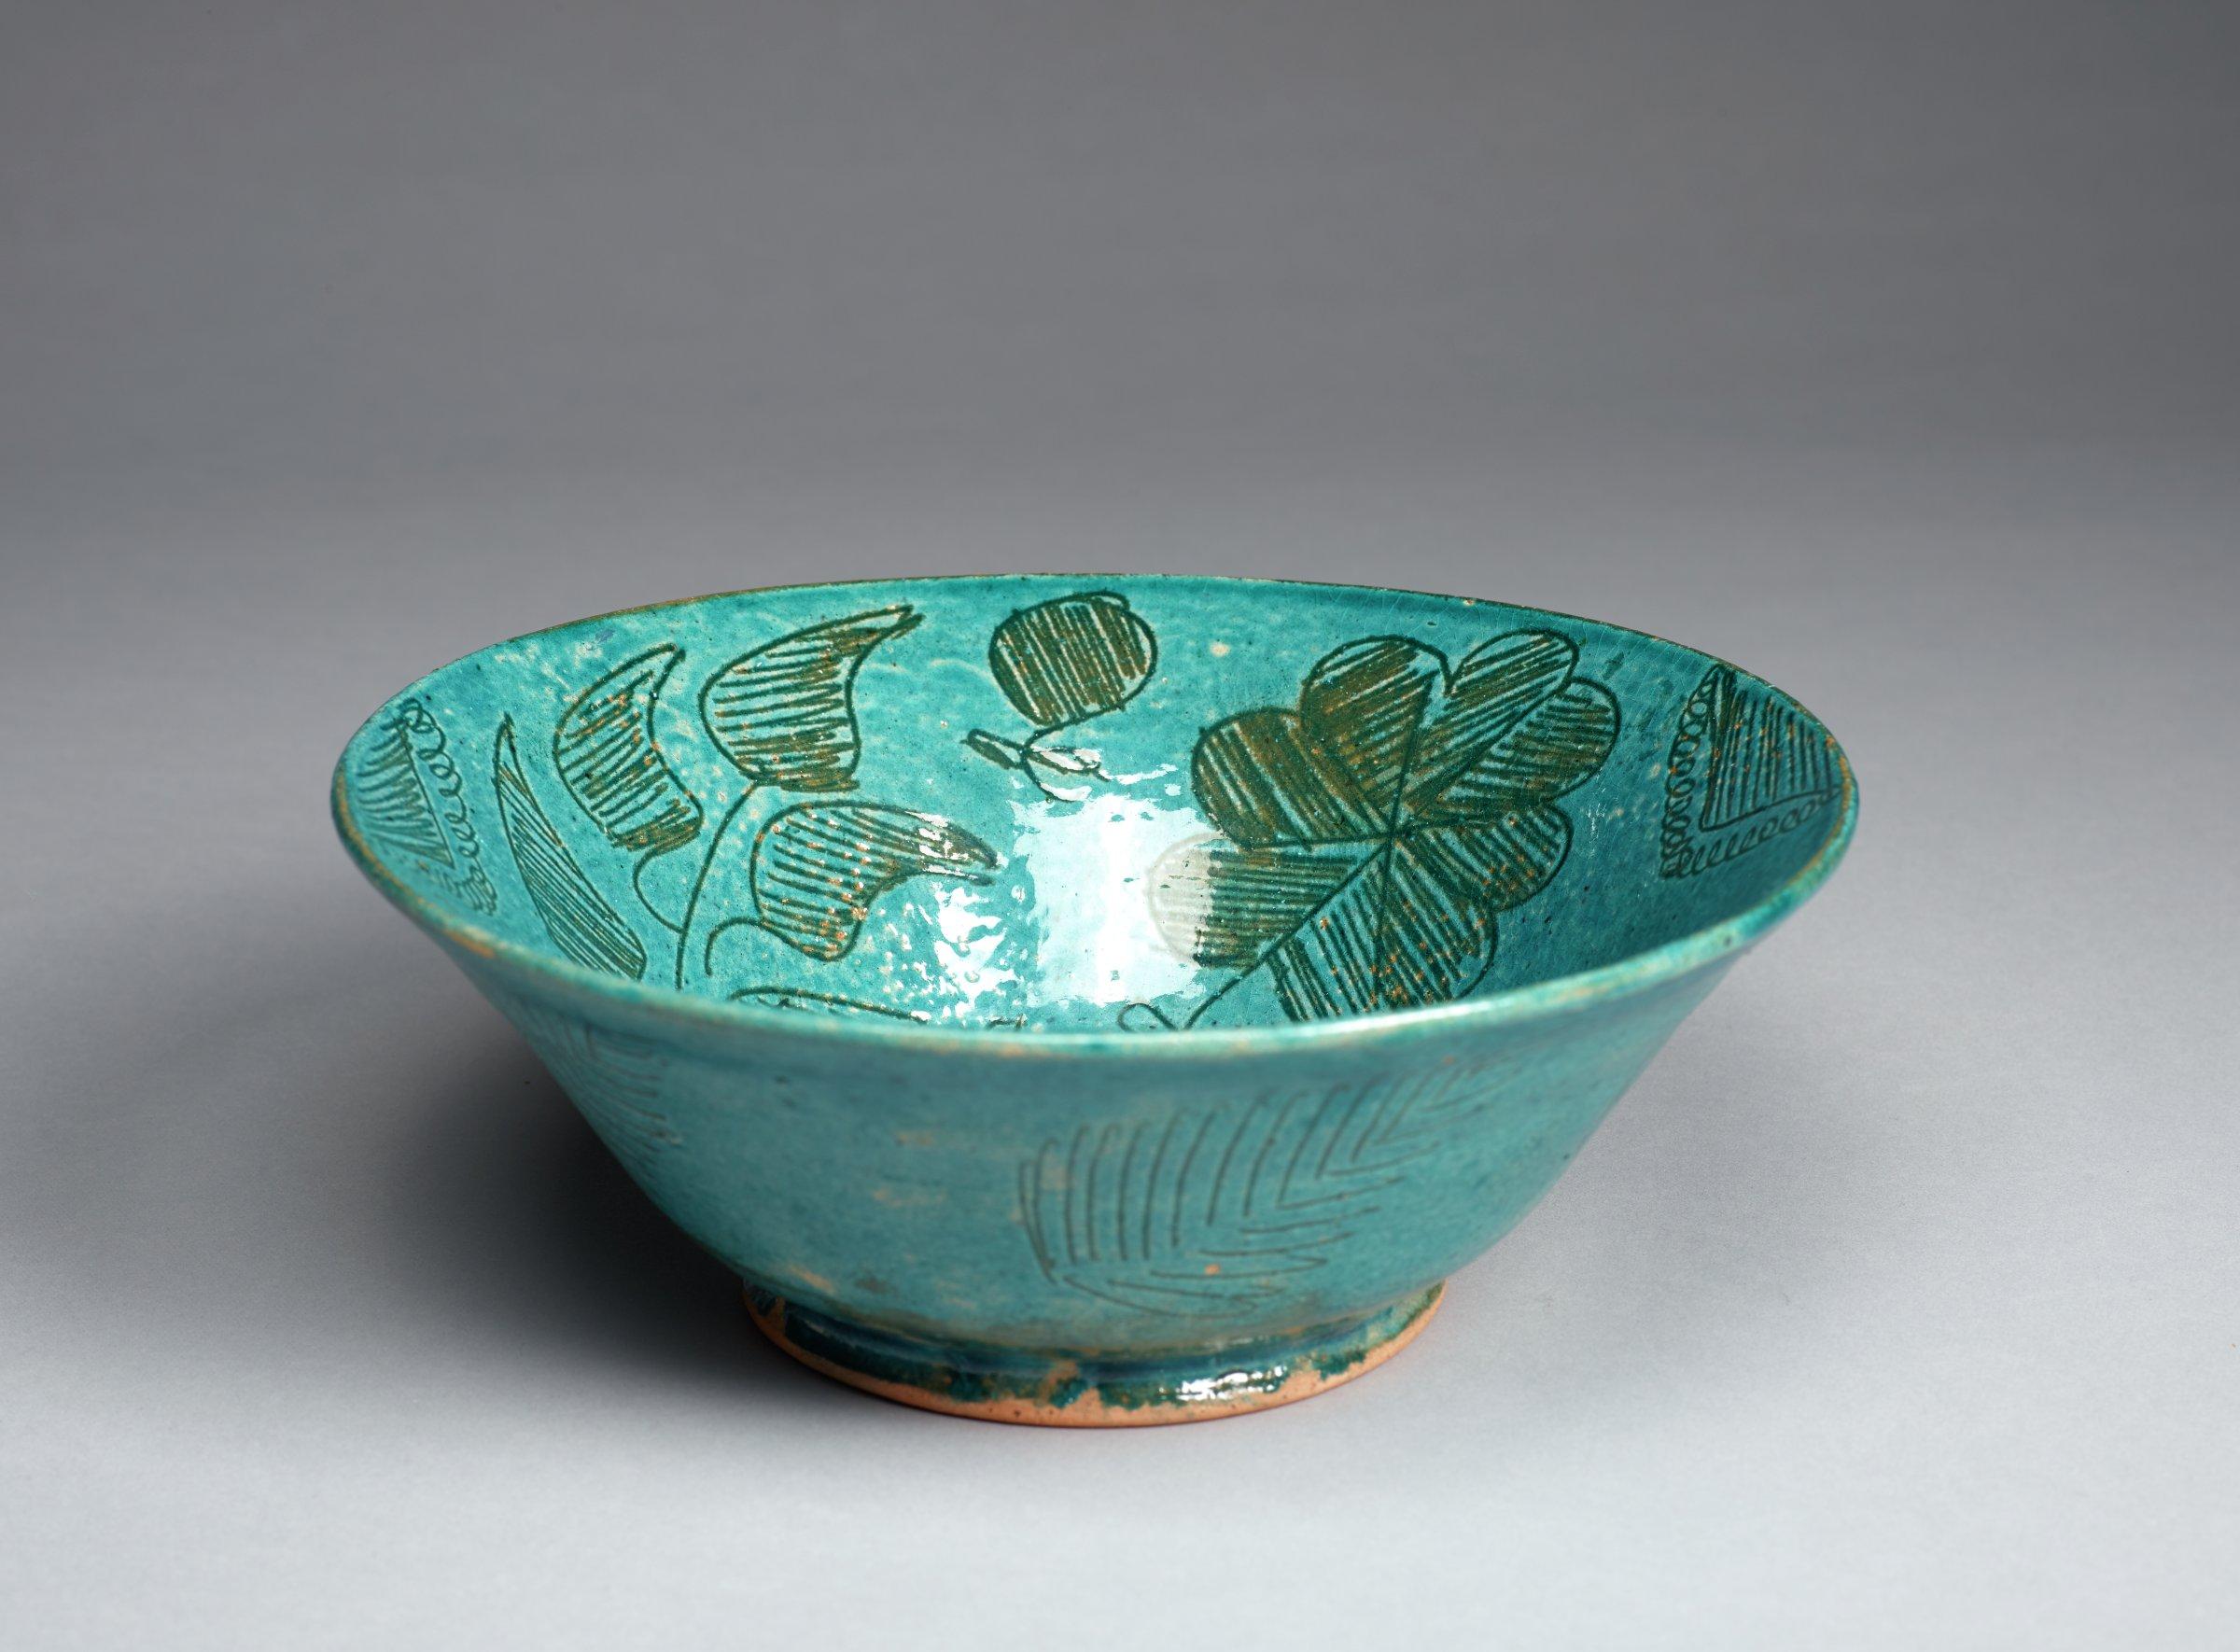 Bowl, Afghanistan, glazed low-fire ceramic